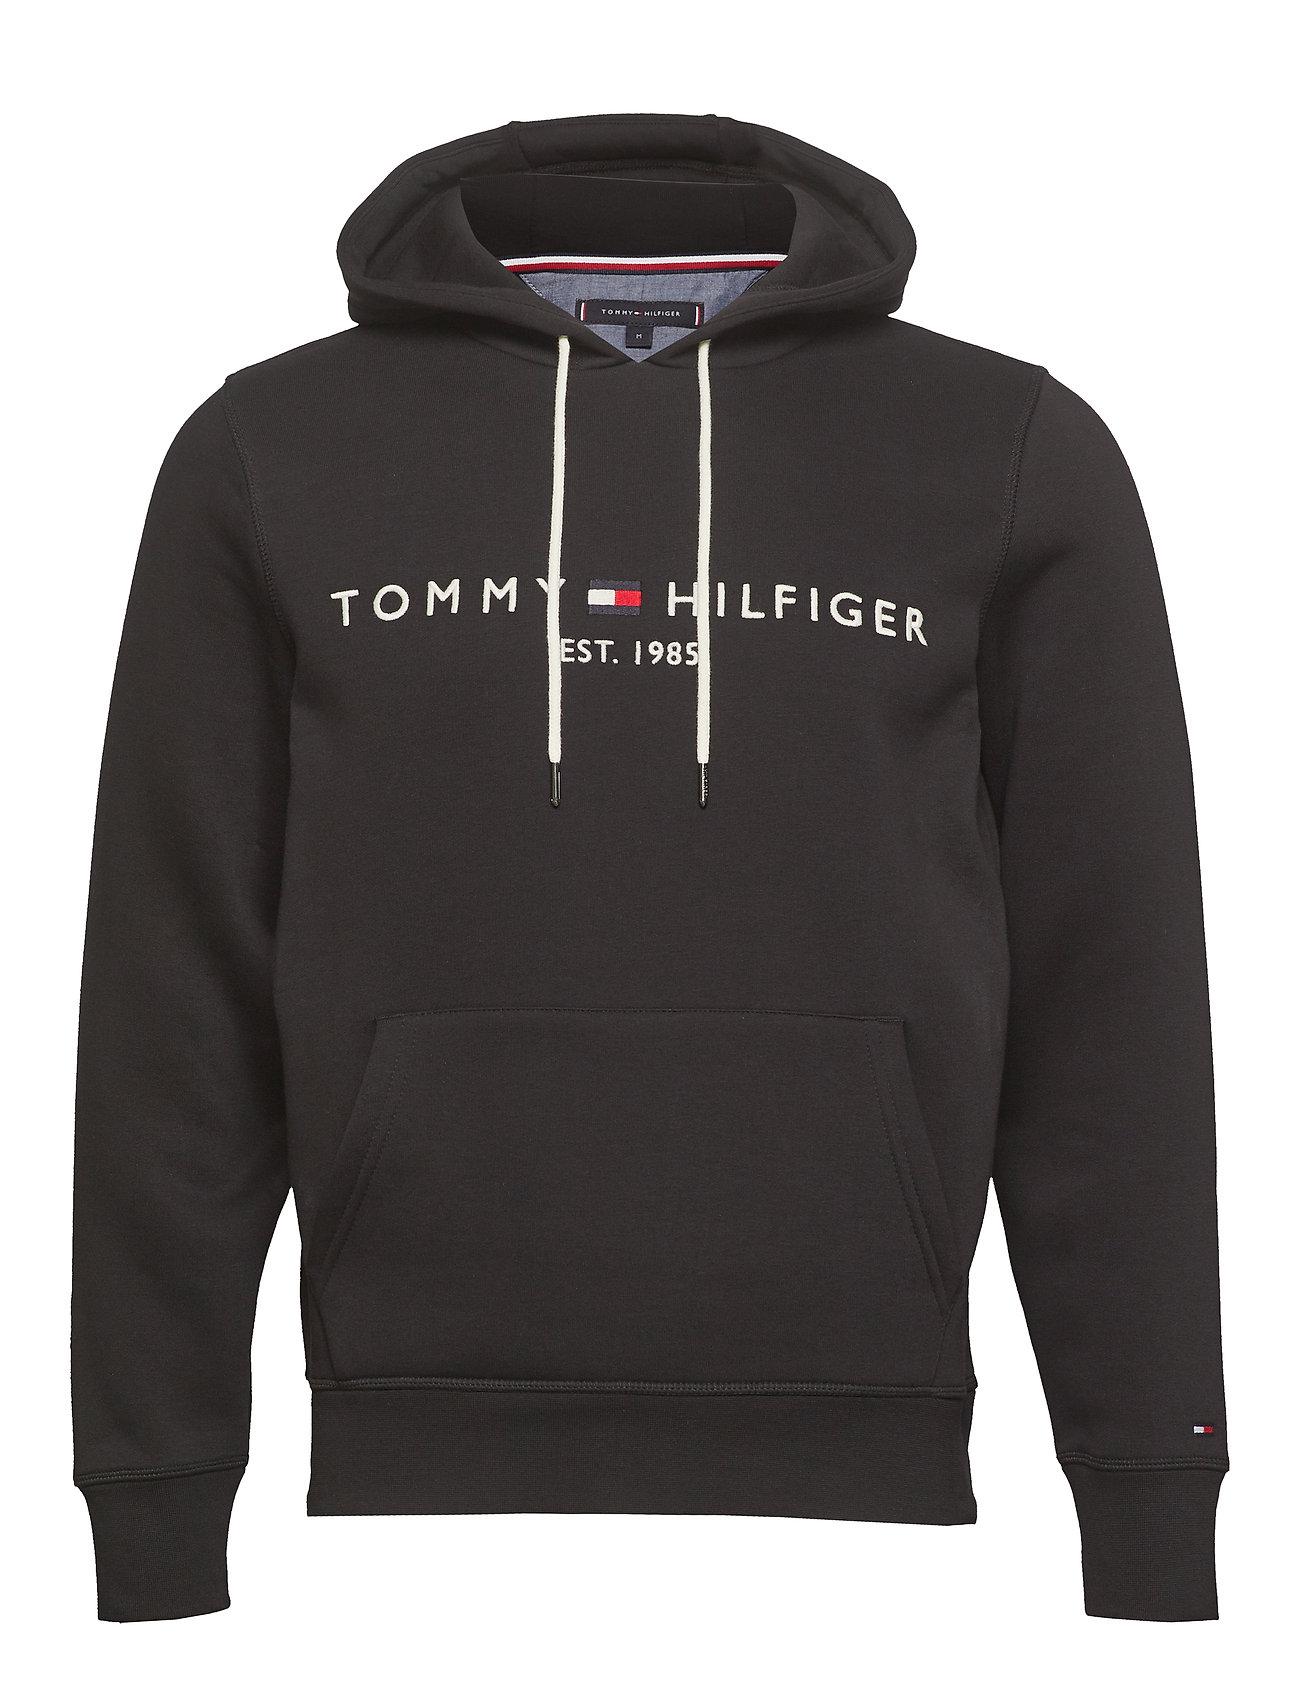 Tommy Hilfiger TOMMY LOGO HOODY - JET BLACK